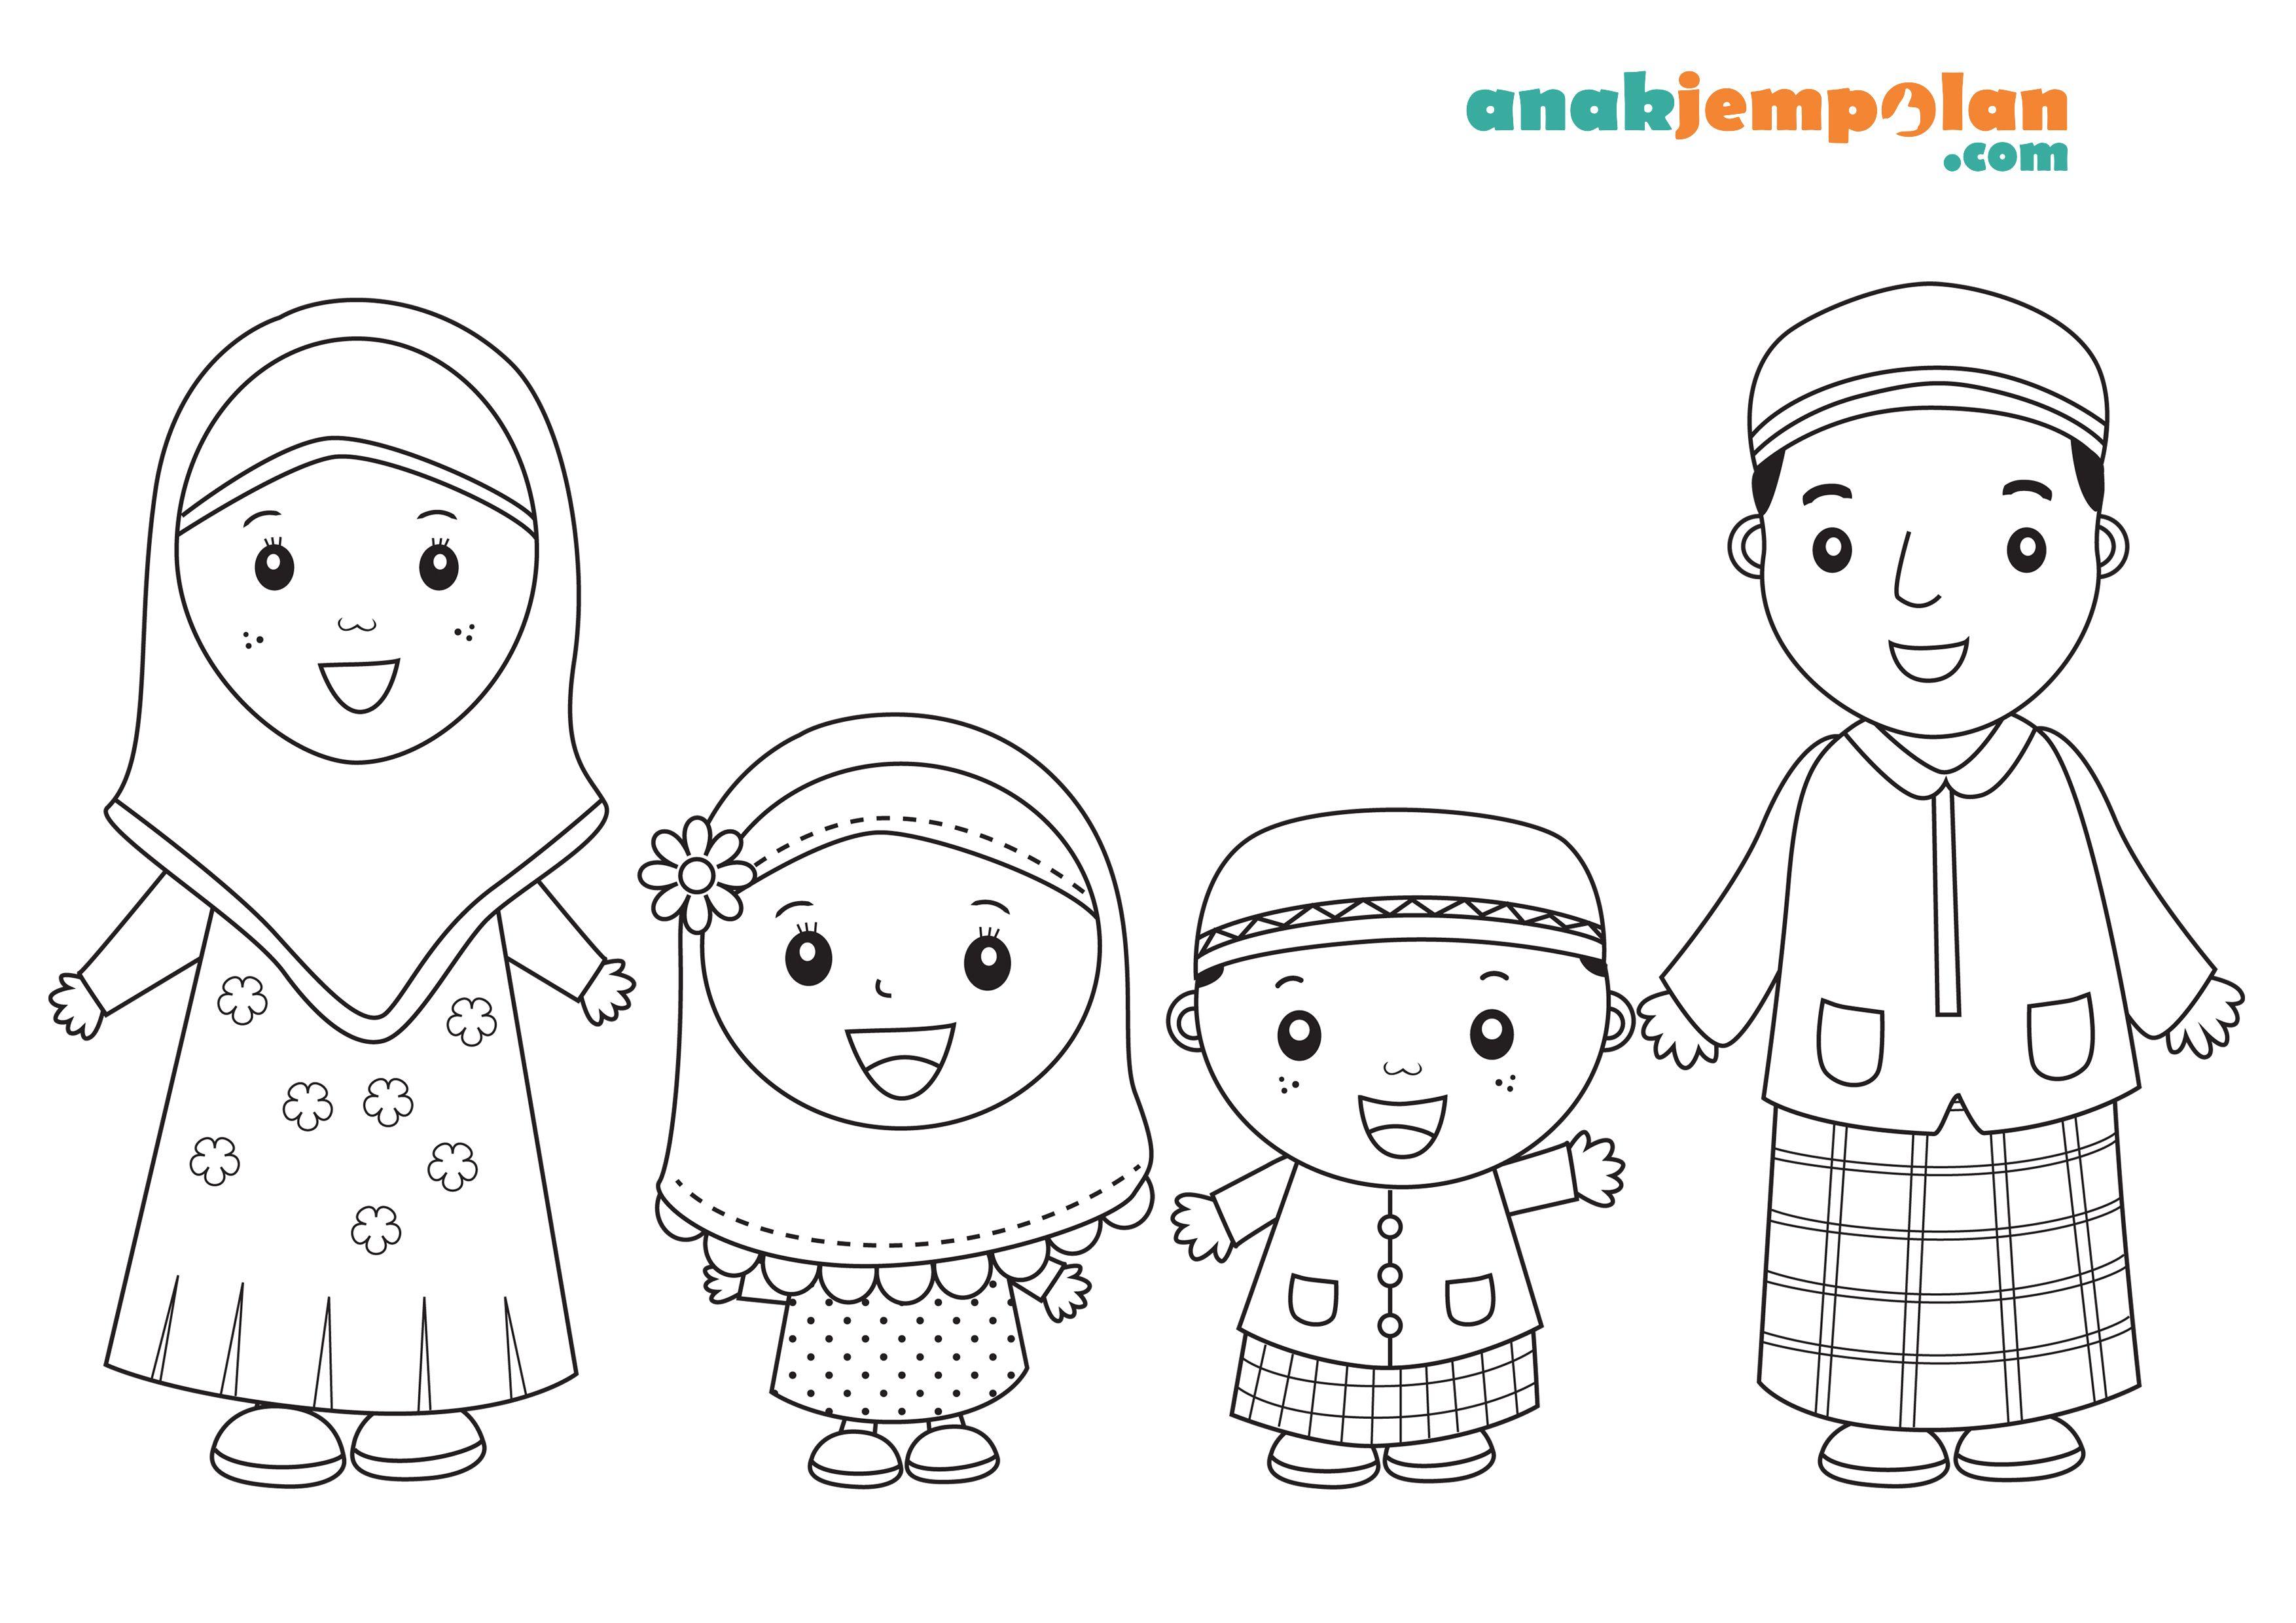 muslim family coloring page Buku mewarnai, Warna, Kartun